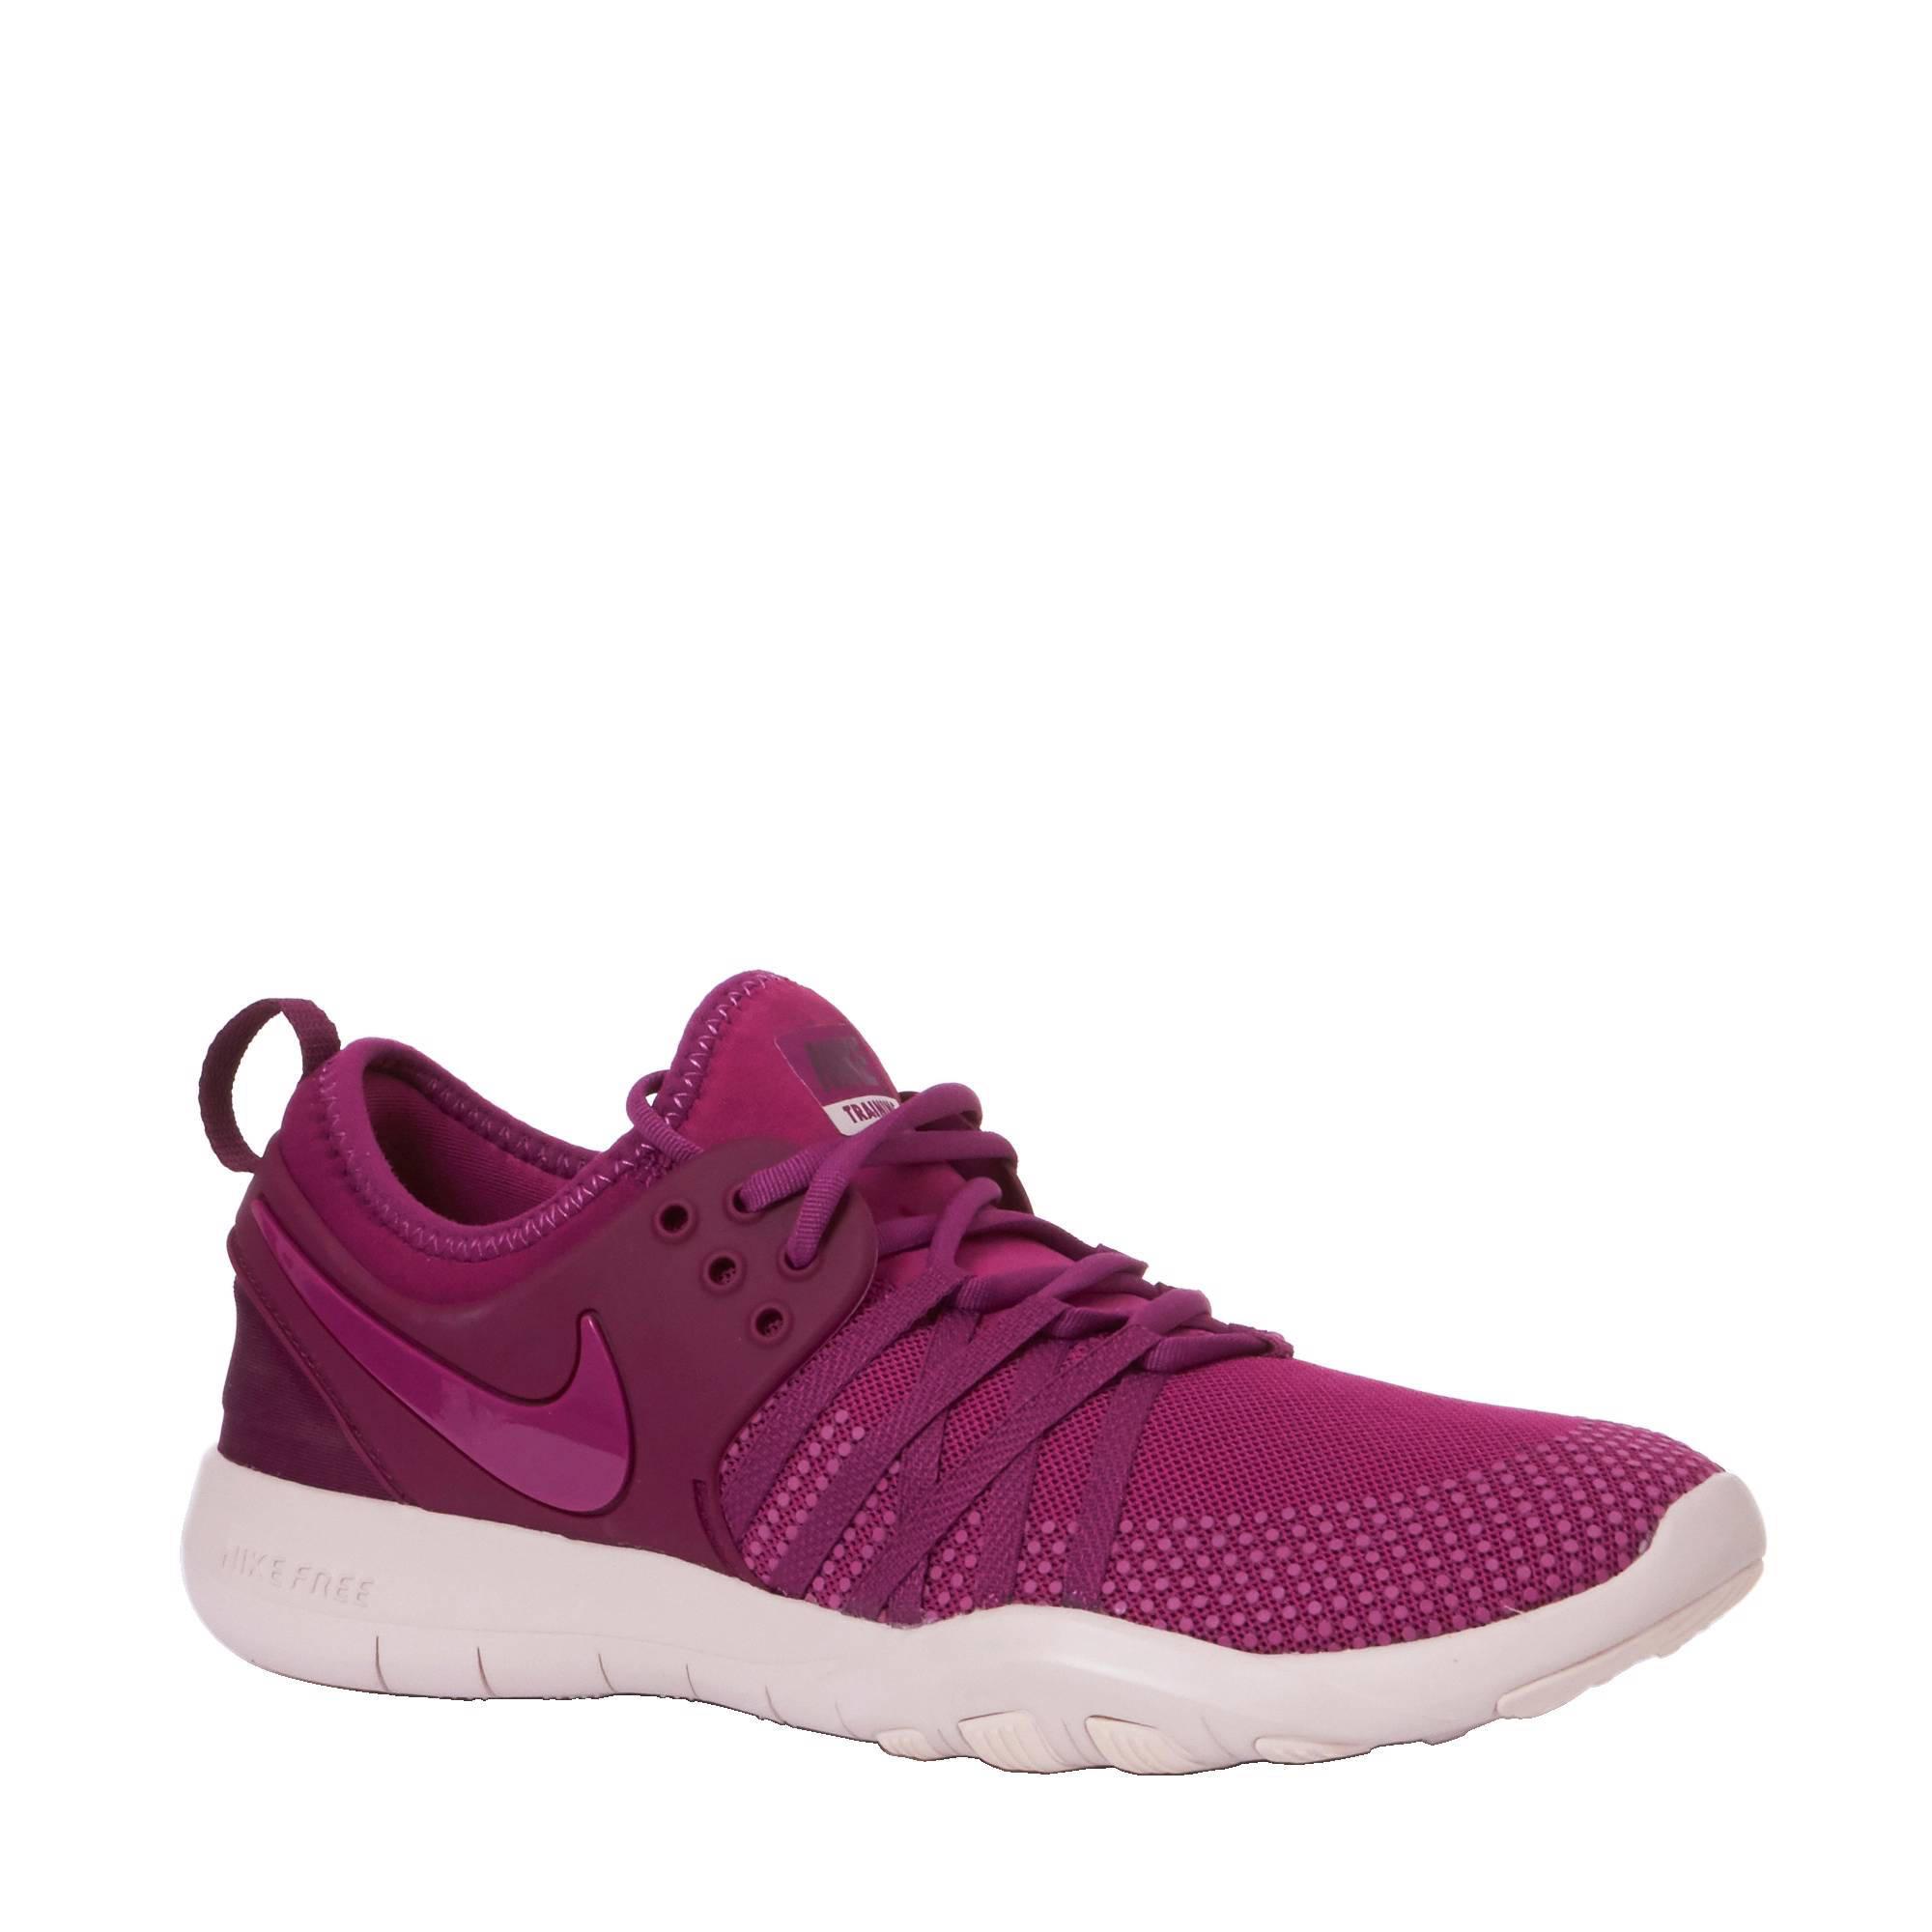 Nike 7 Wehkamp Tr Fitness Free Schoenen EvxESr6